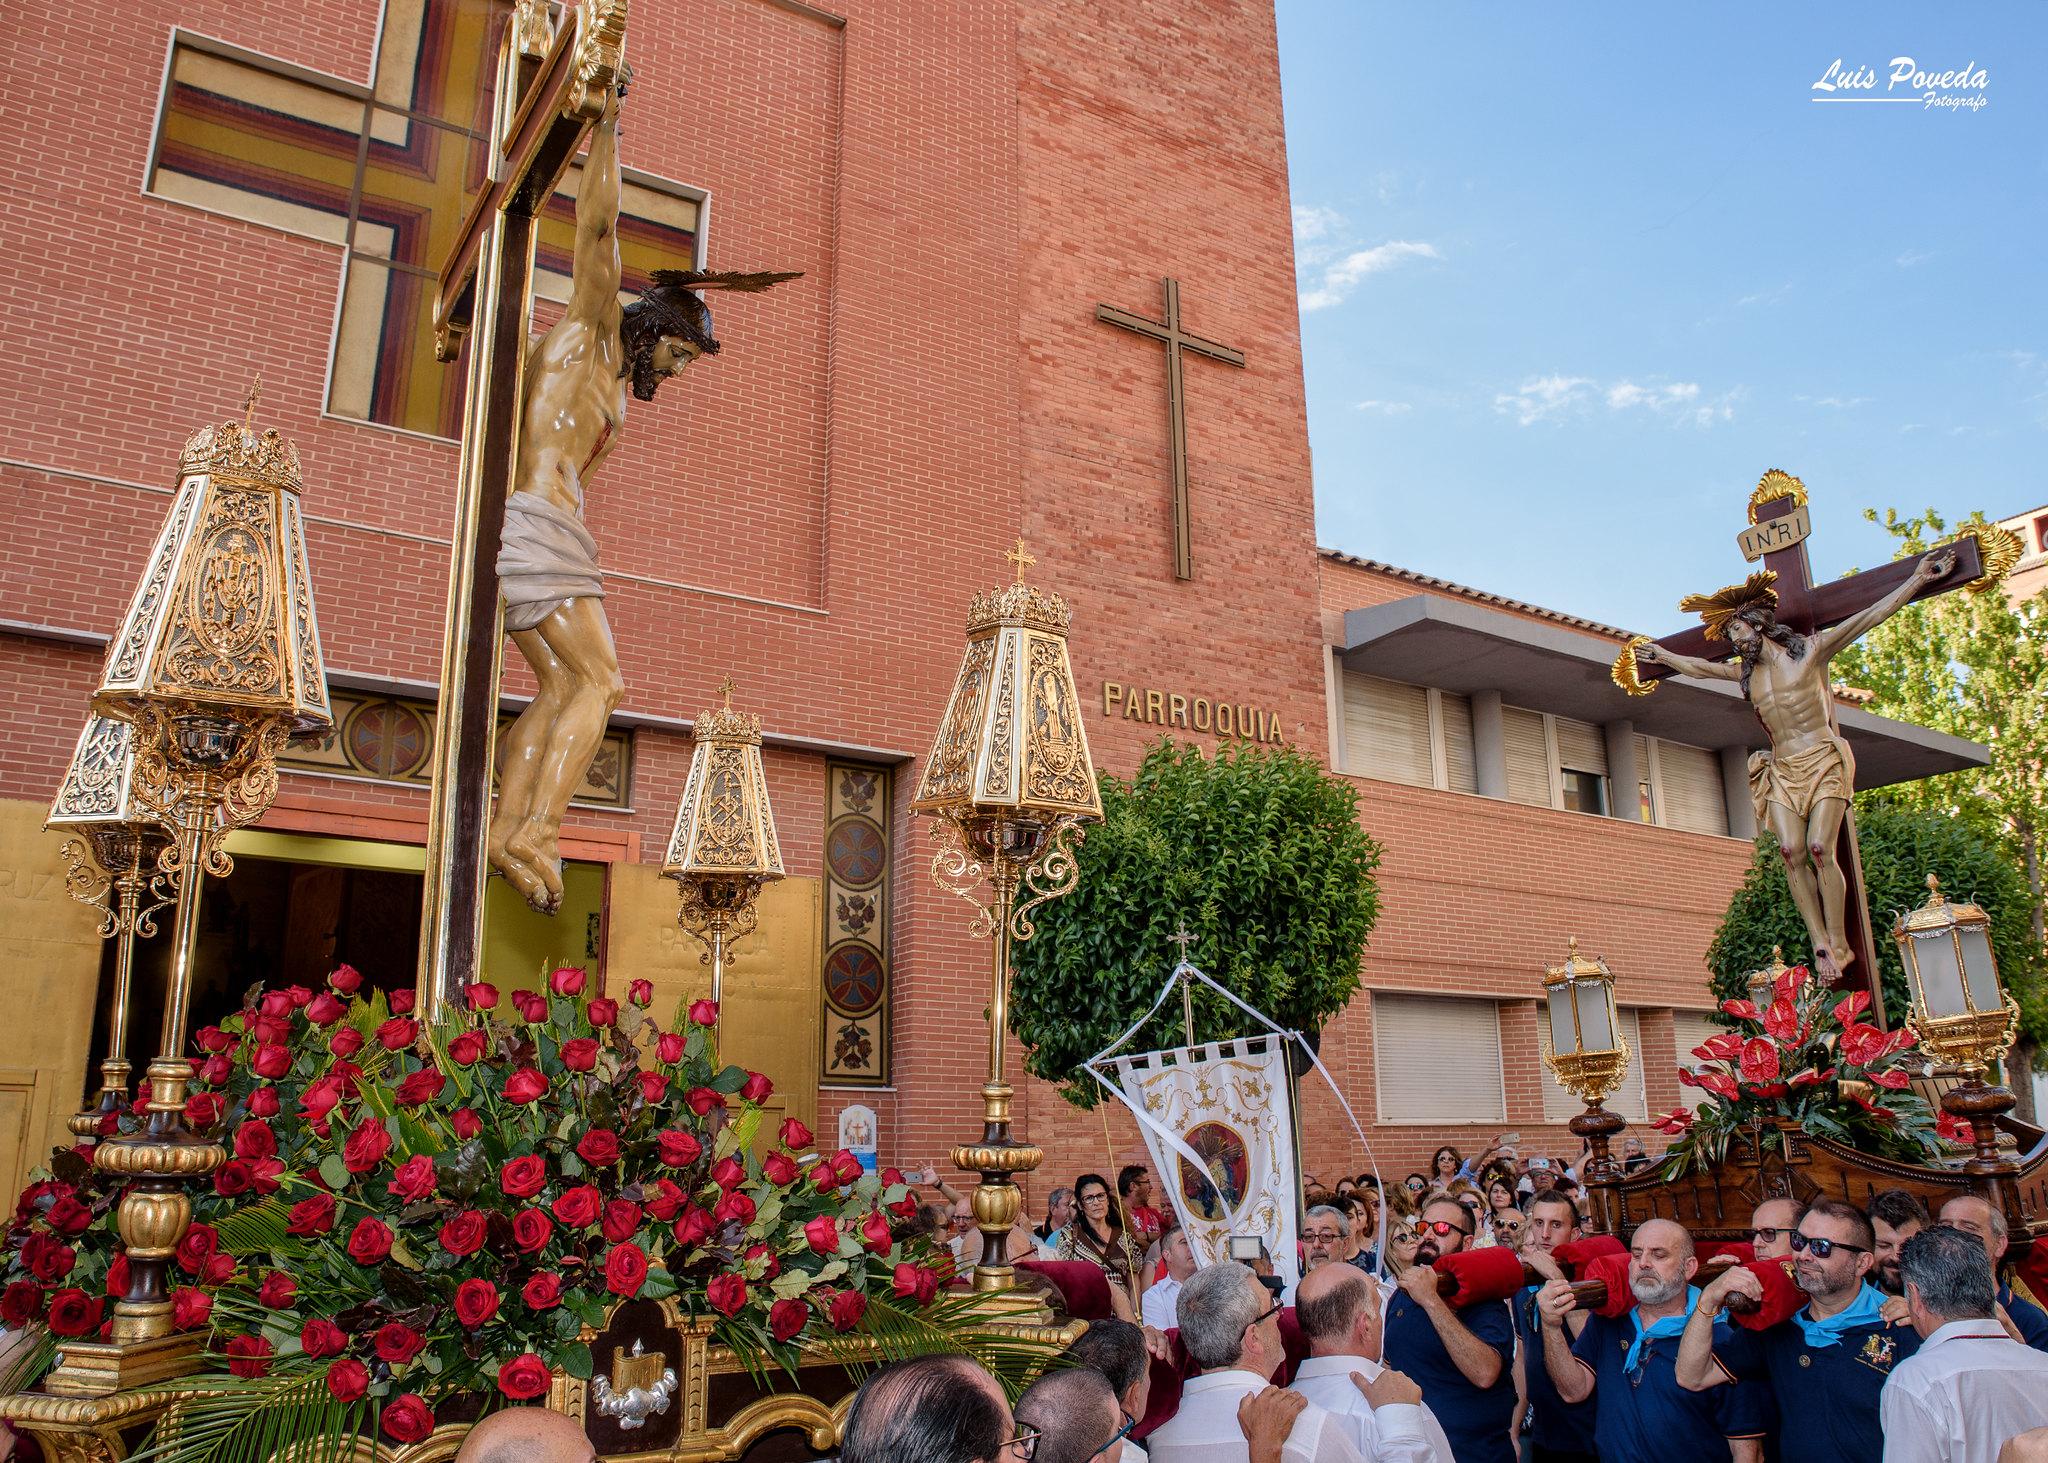 (2018-06-16) - 75 Aniversario - Encuentro - Luis Poveda Galiano (12)